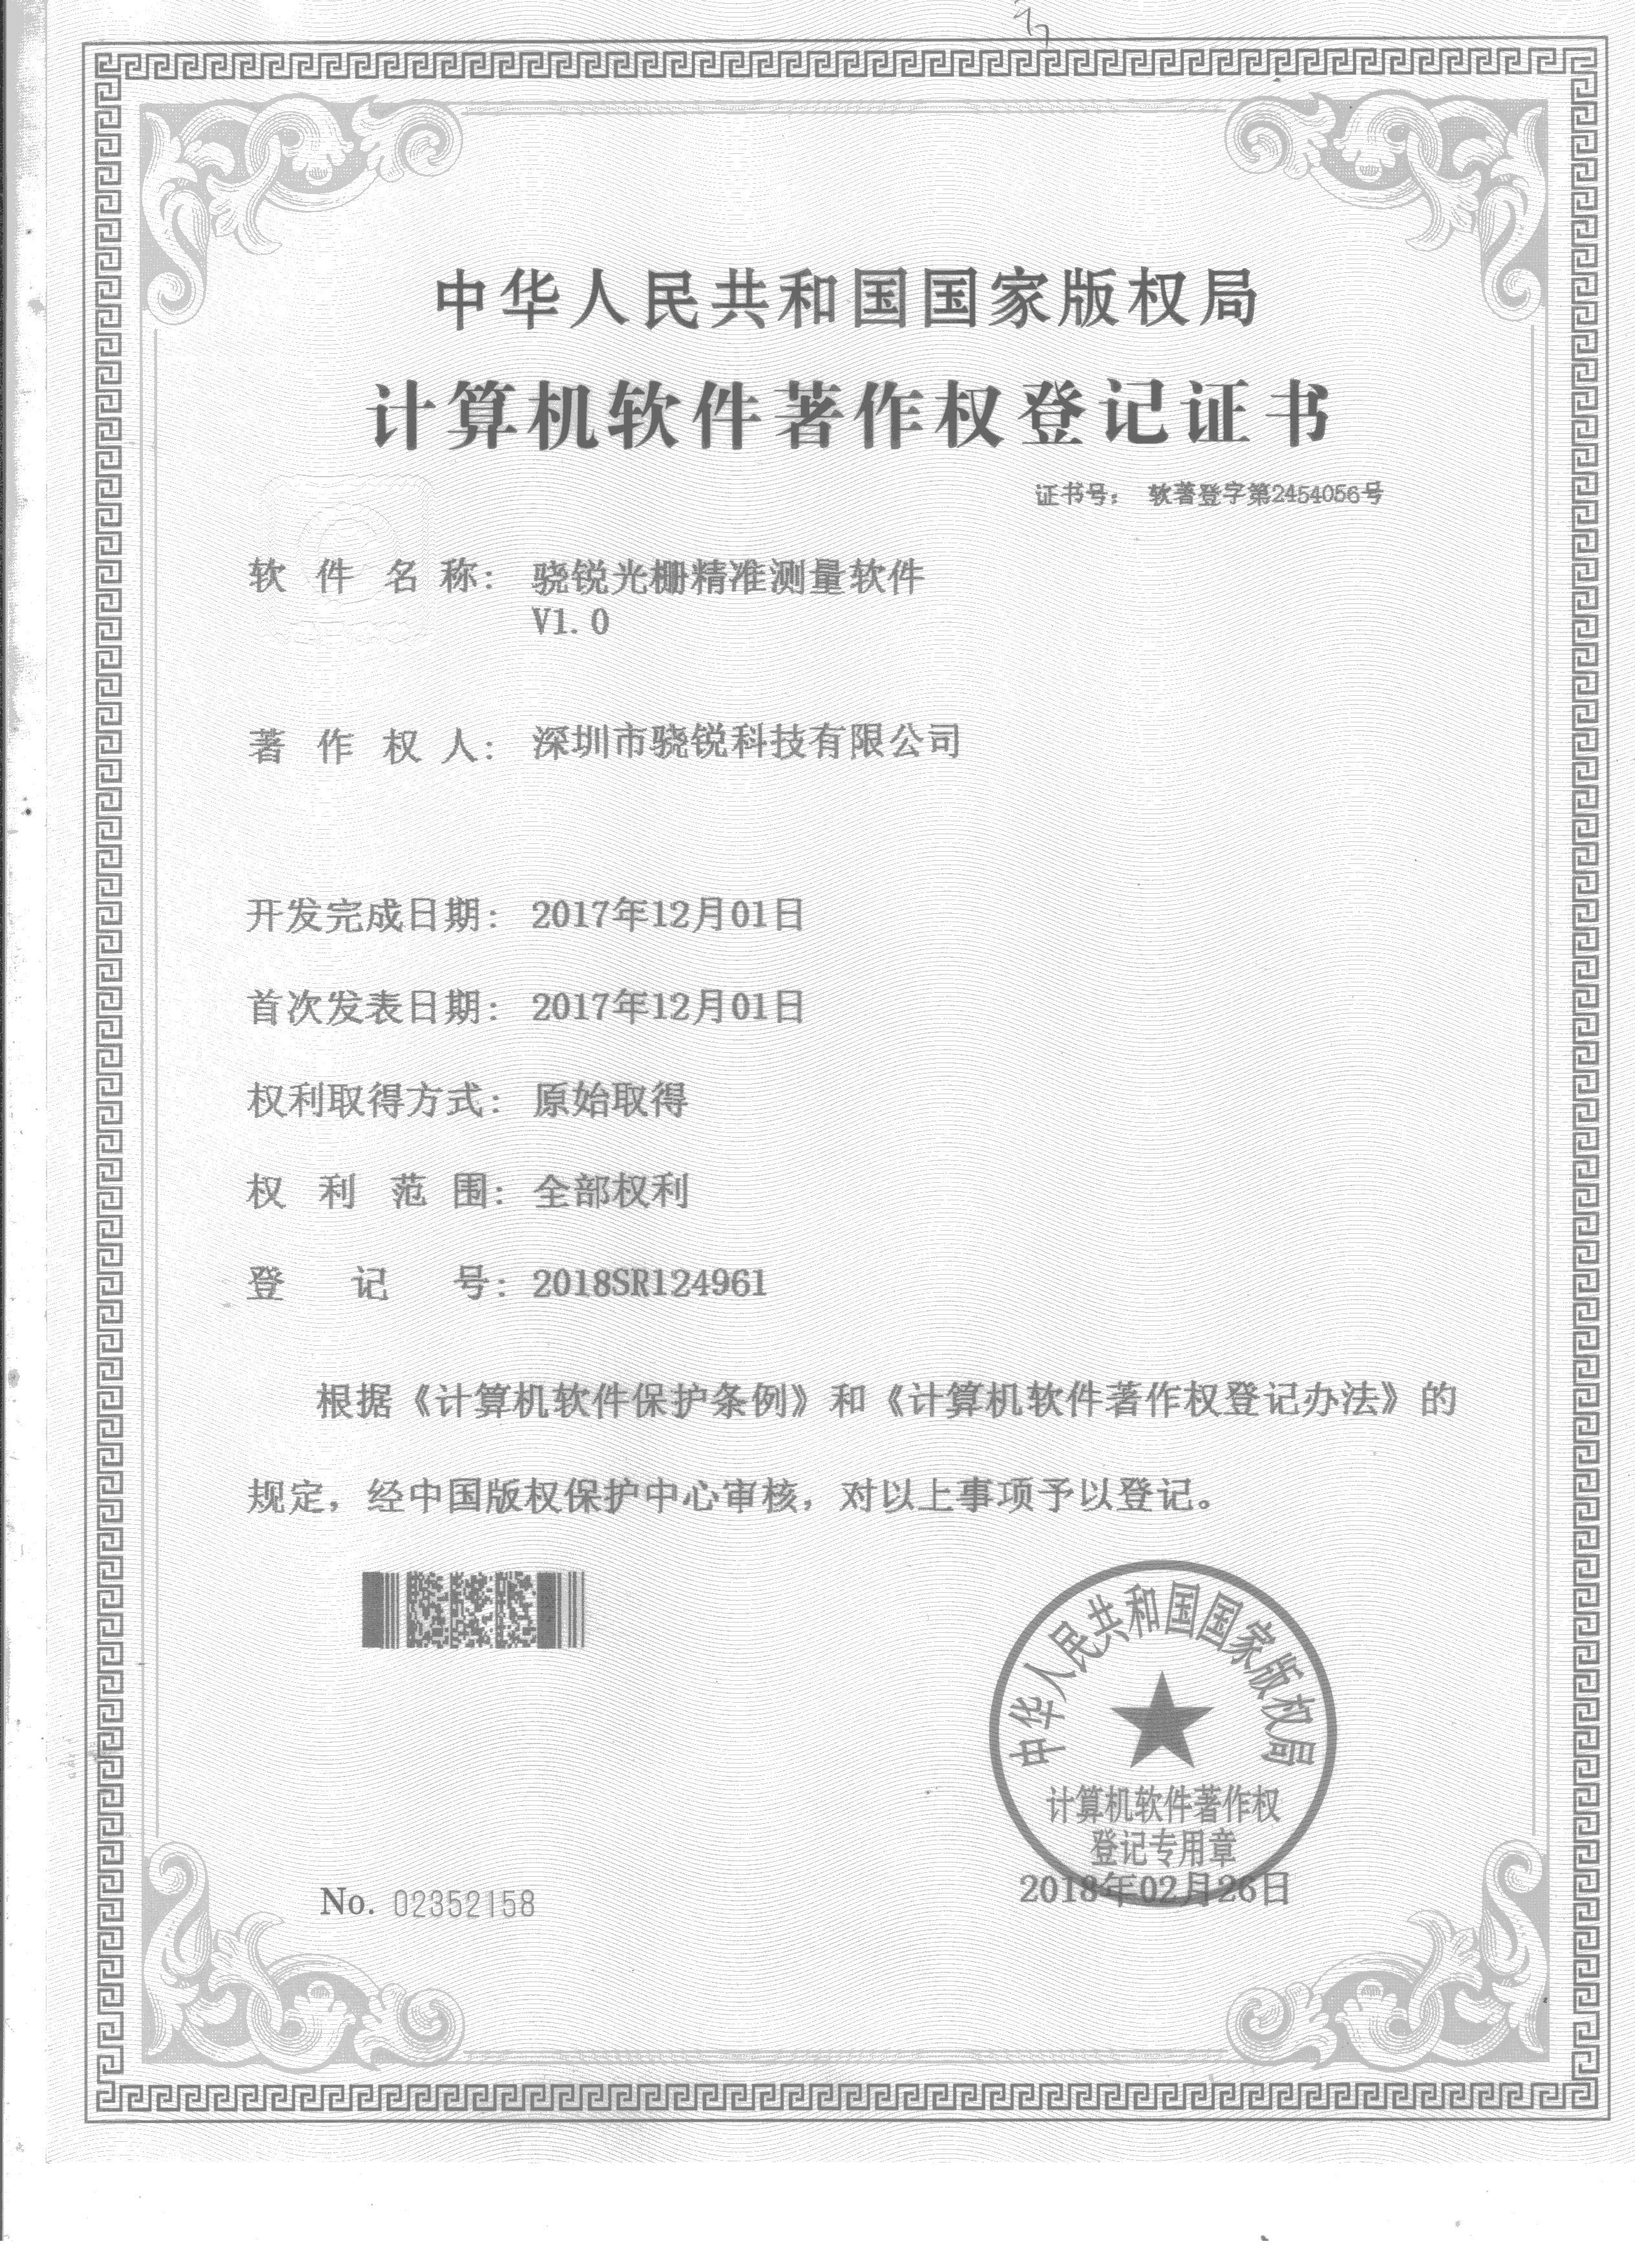 骁锐光栅精准测量软件著作权证书